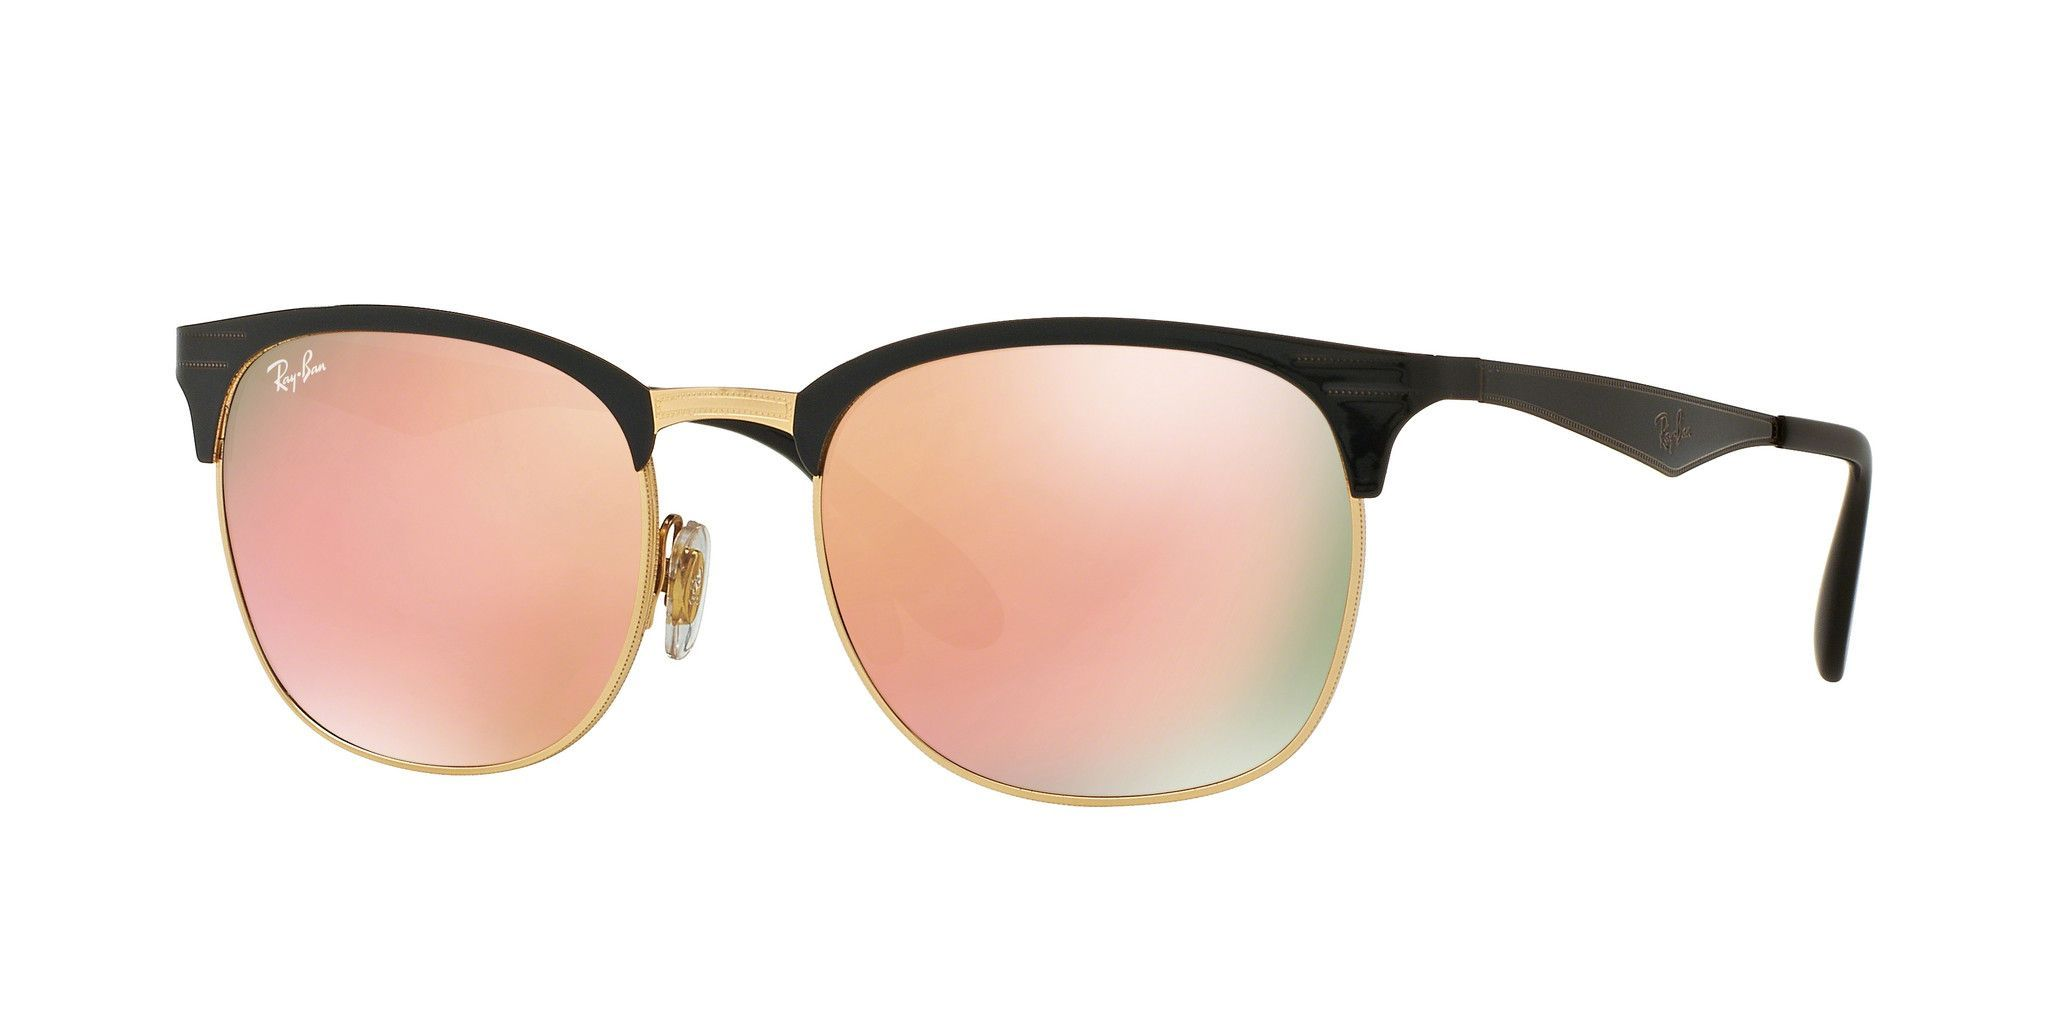 a96b52b55c2c5 Ray-Ban RB3538 Sunglasses